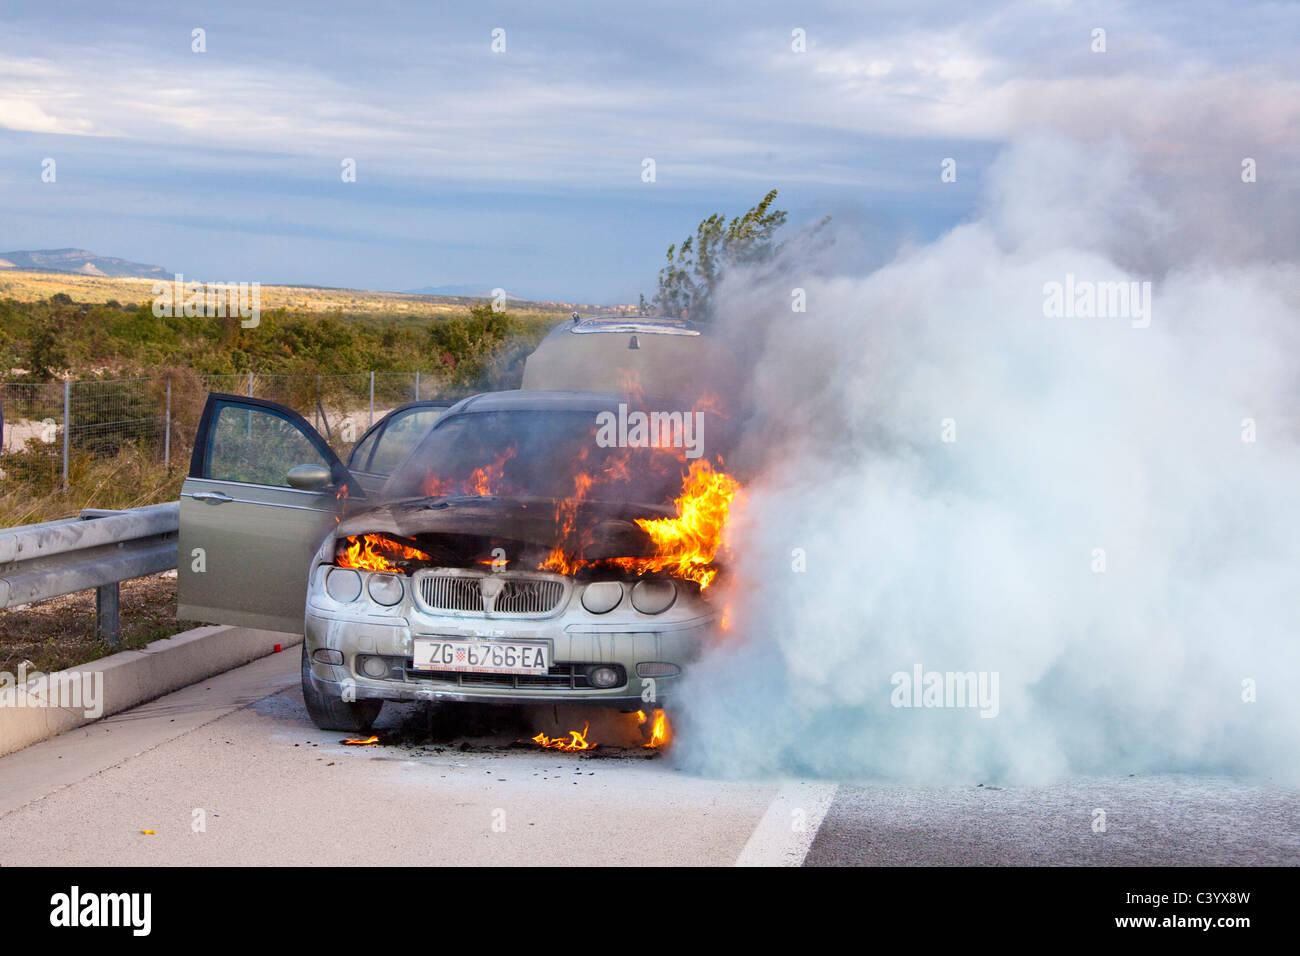 La Croatie, l'Europe, d'accident, de dommages, voiture, automobile, brûler, fumée, street Photo Stock